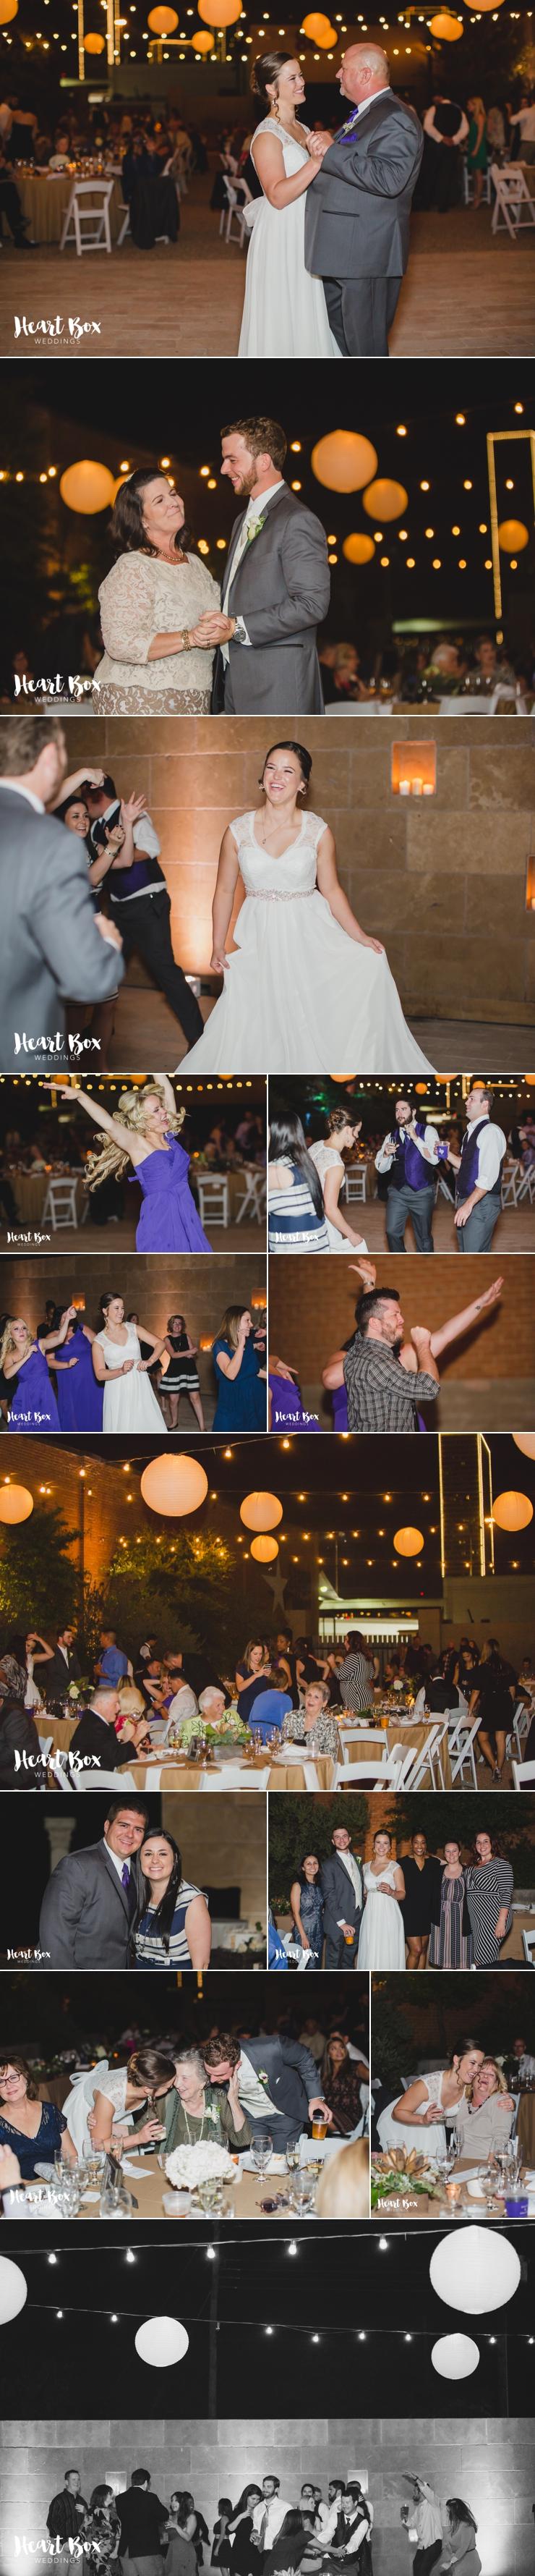 Hanson Wedding 13.jpg